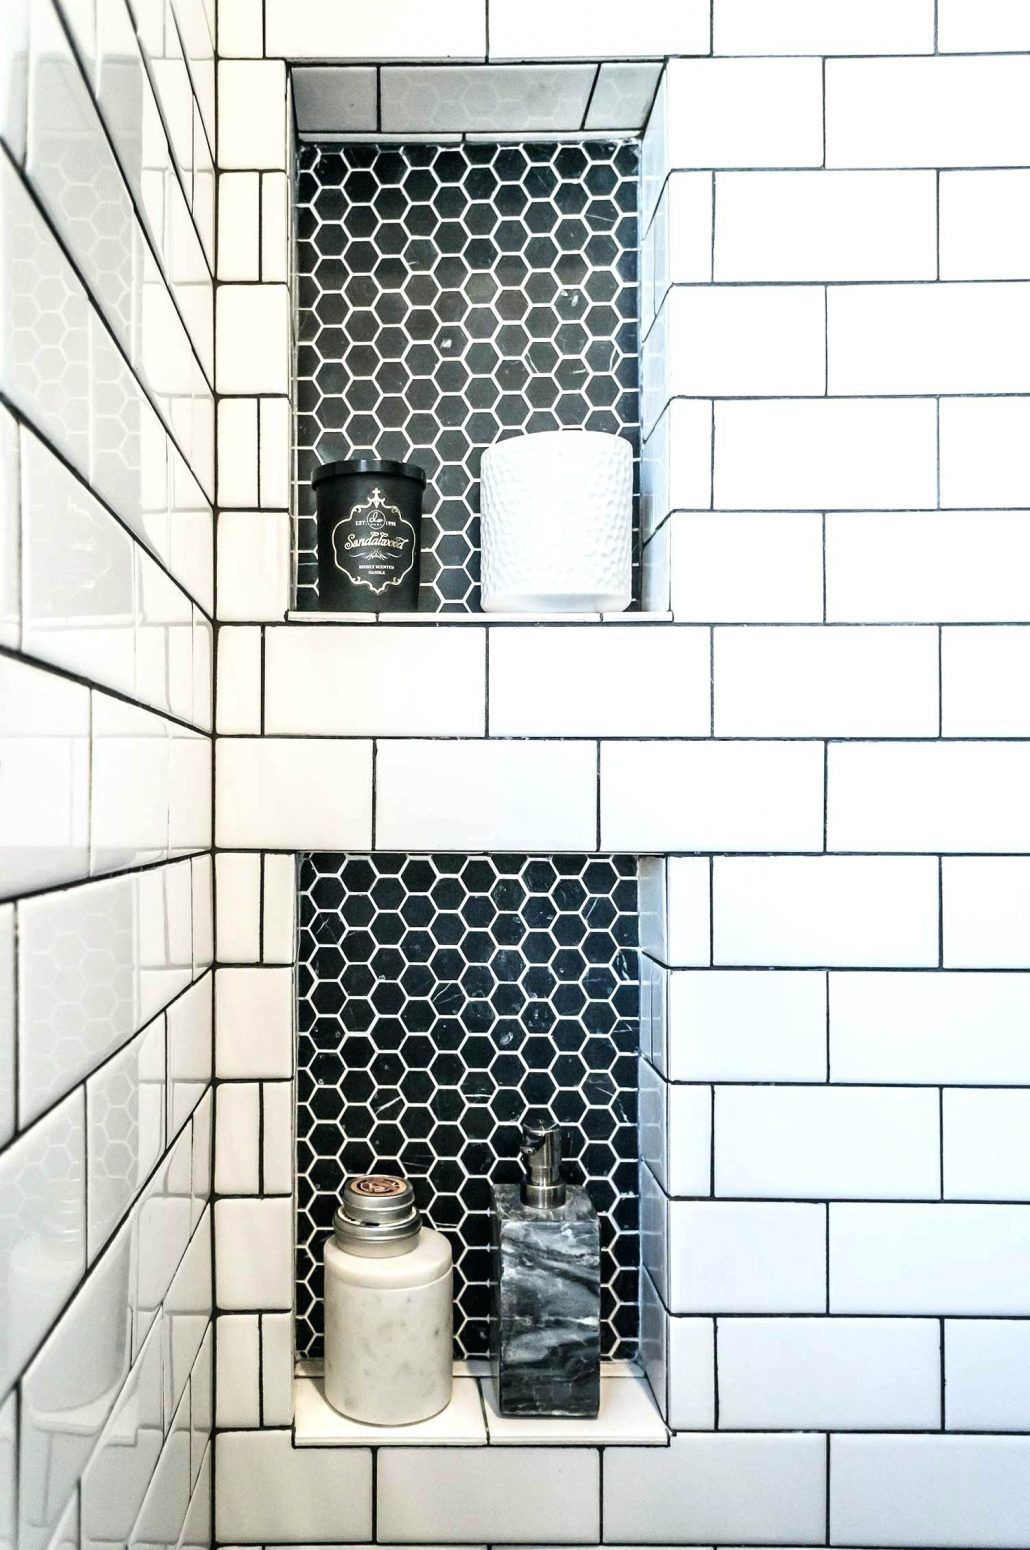 Image Result For Marble Tile Dark Grout Bathroom Tile Designs Bathrooms Remodel Bathroom Makeover